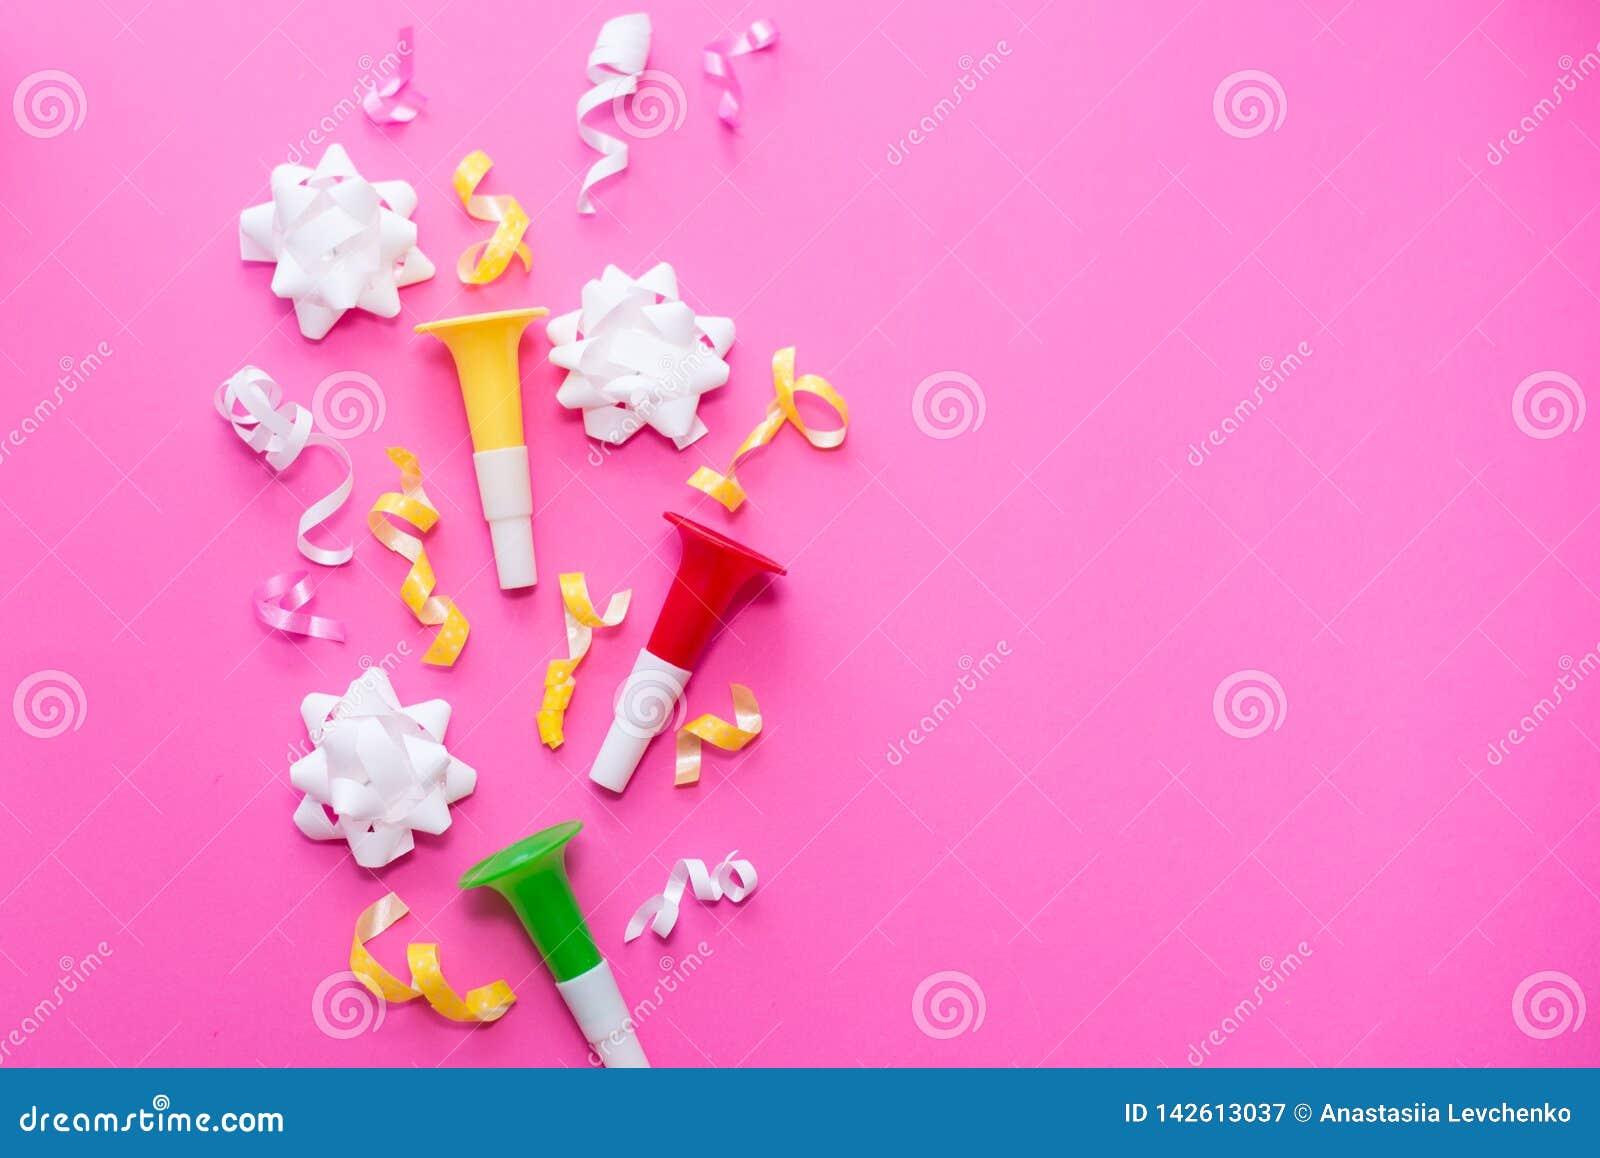 Viering, partij achtergrondconceptenideeën met kleurrijke confettien, wimpels op wit Vlak leg ontwerp De ruimte van het exemplaar